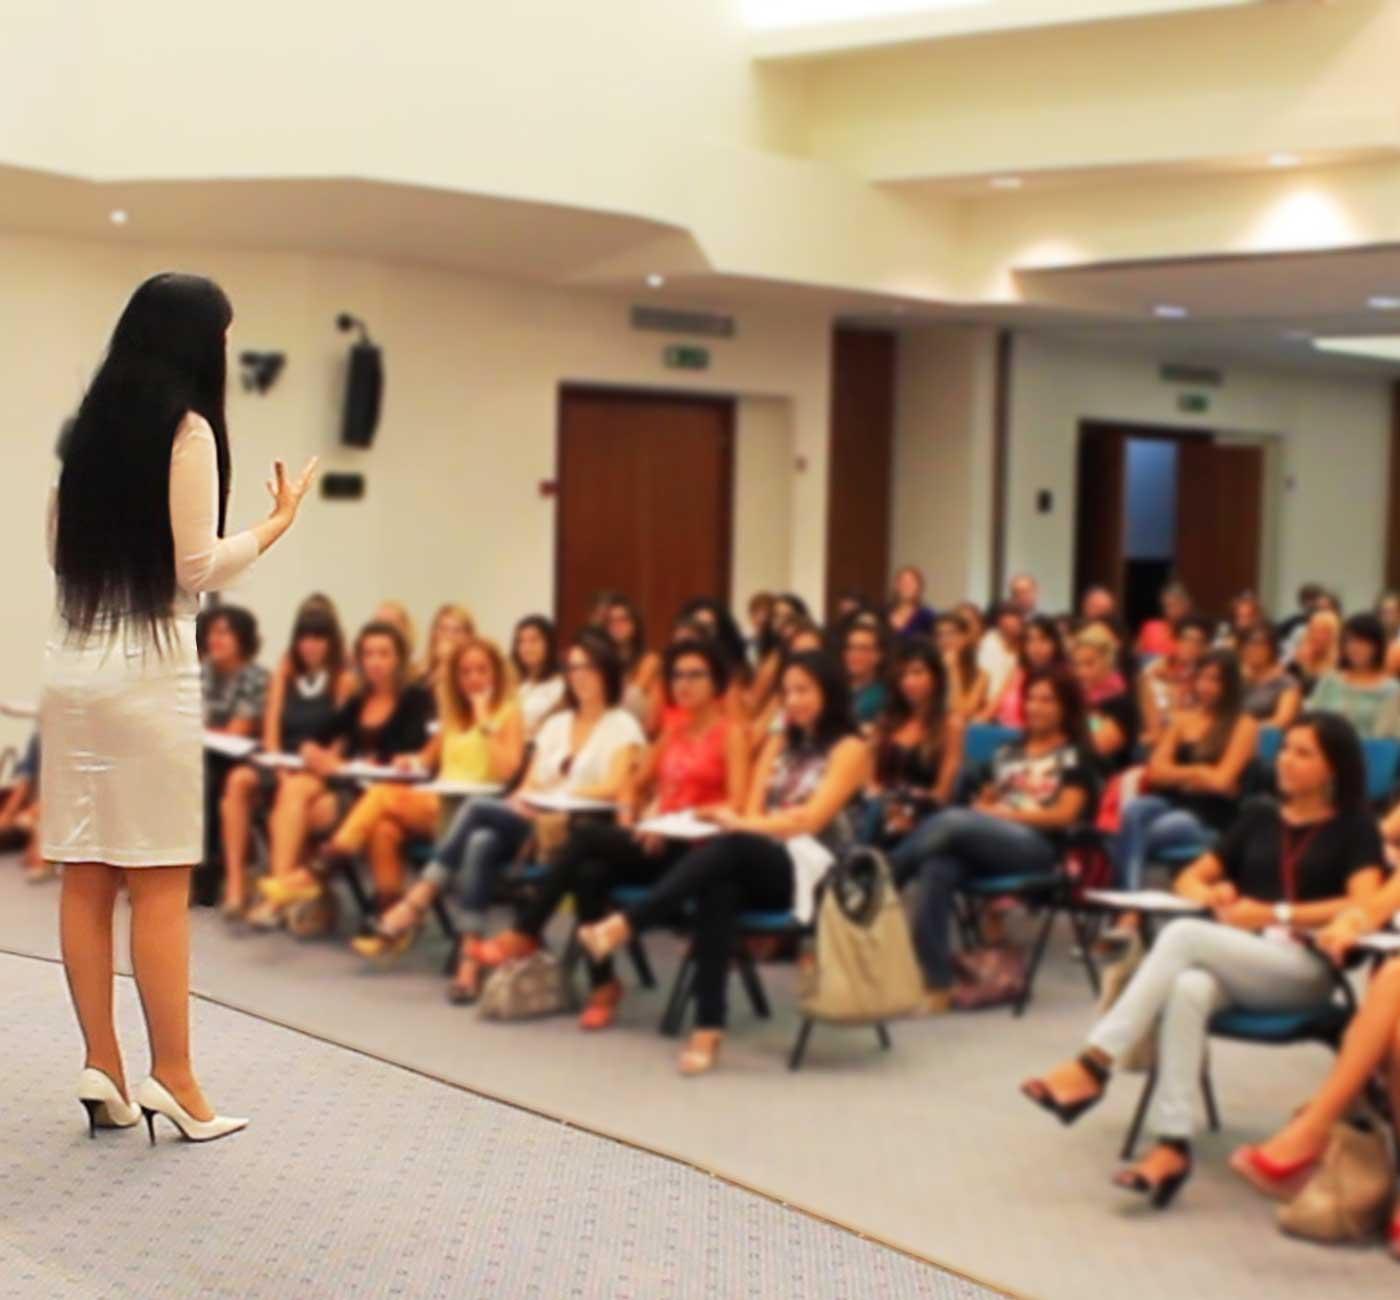 Tania Bianchi corporate training - public speaking